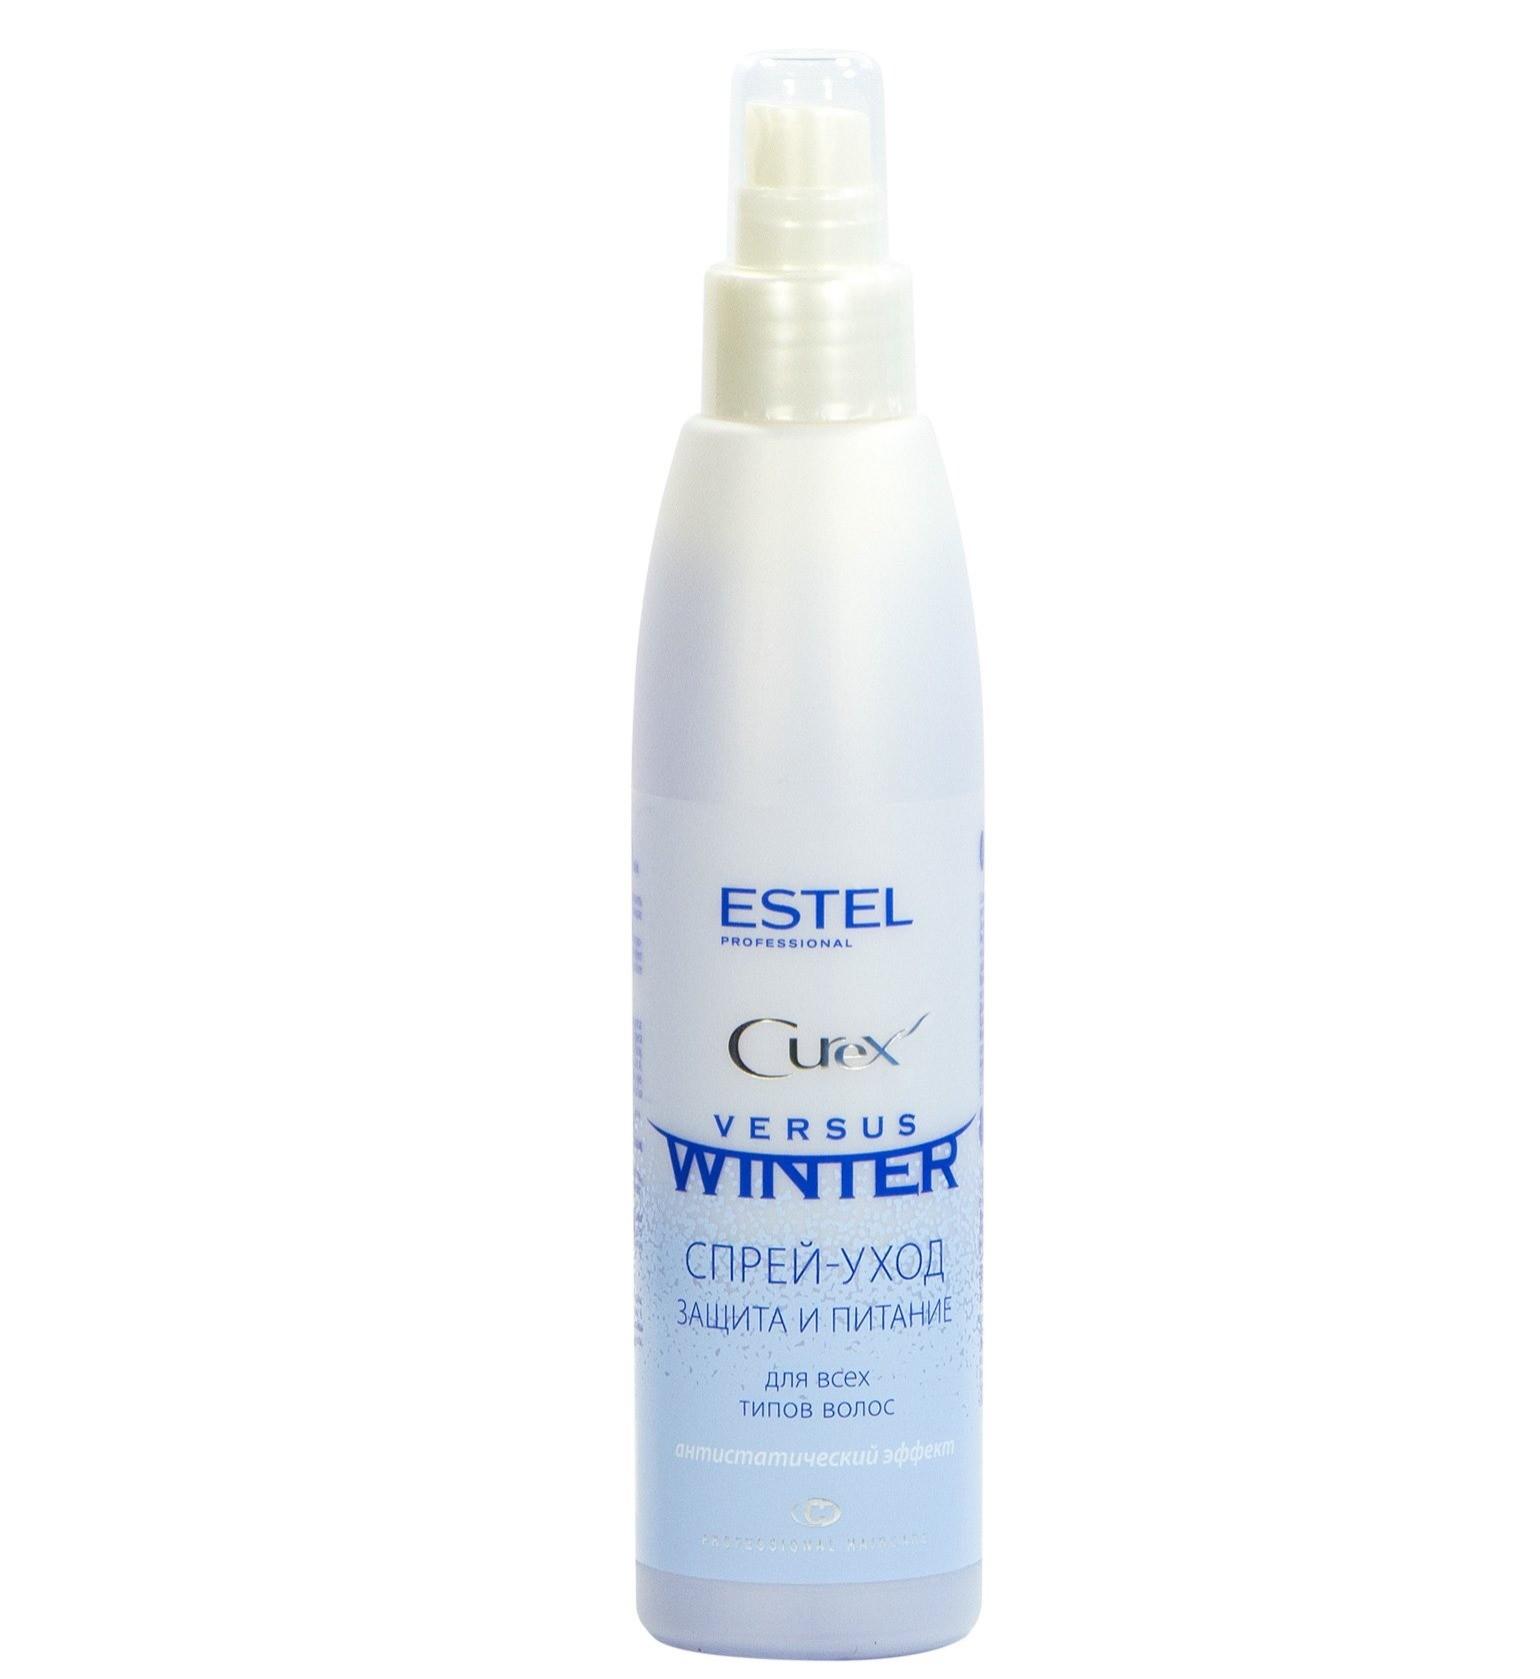 Спрей-уход «Защита и питание» Estel Curex Versus Winter